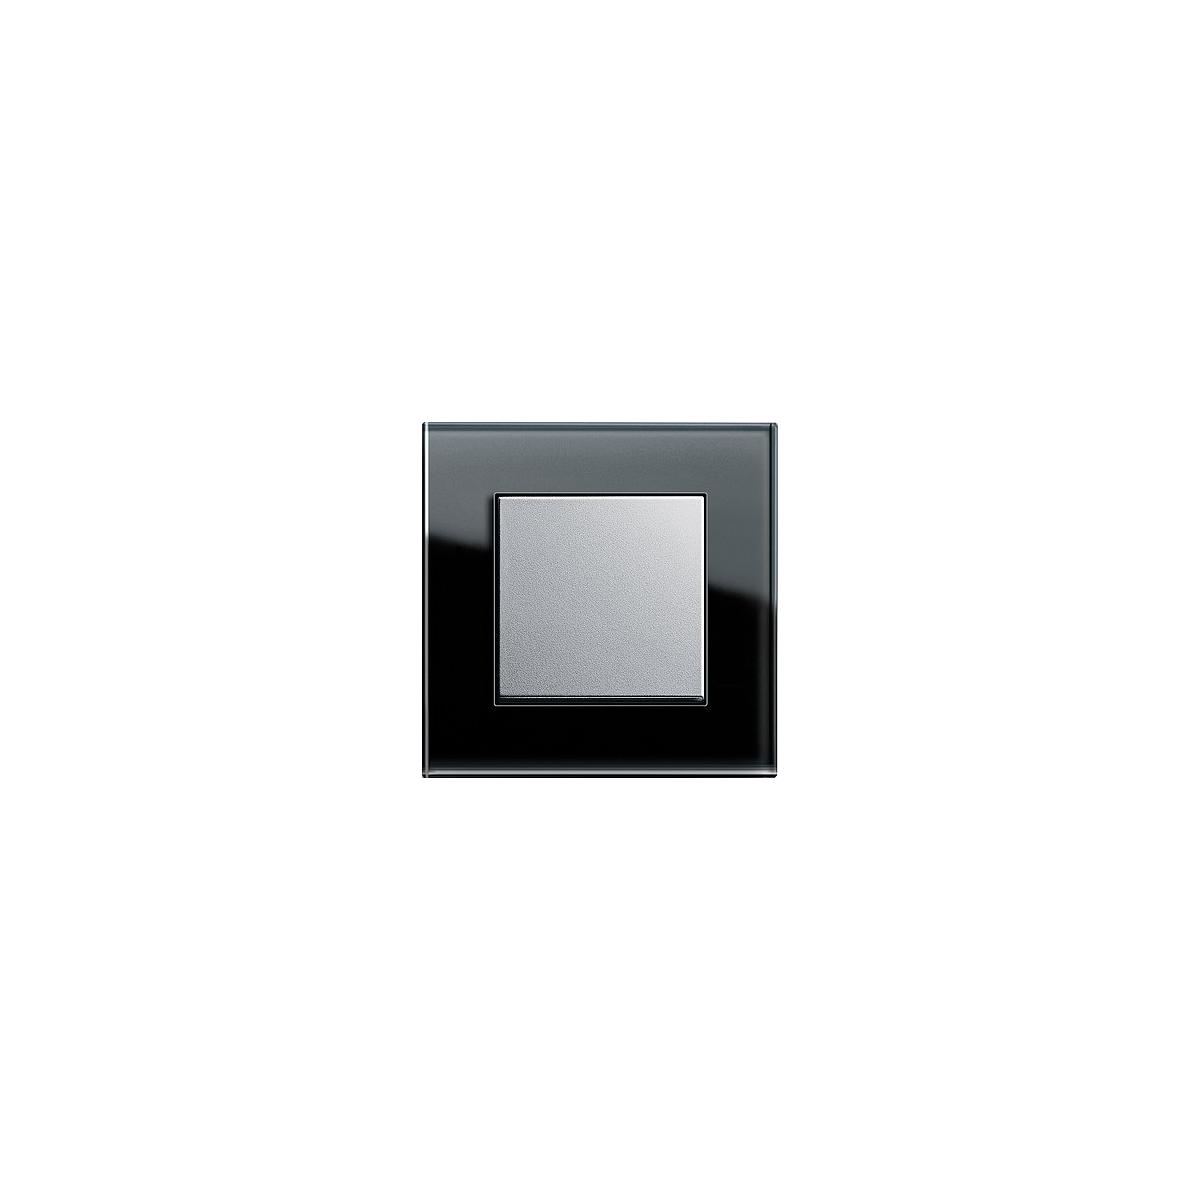 Gira Esprit Wyłącznik (1x021105+1x010600+1x029626)